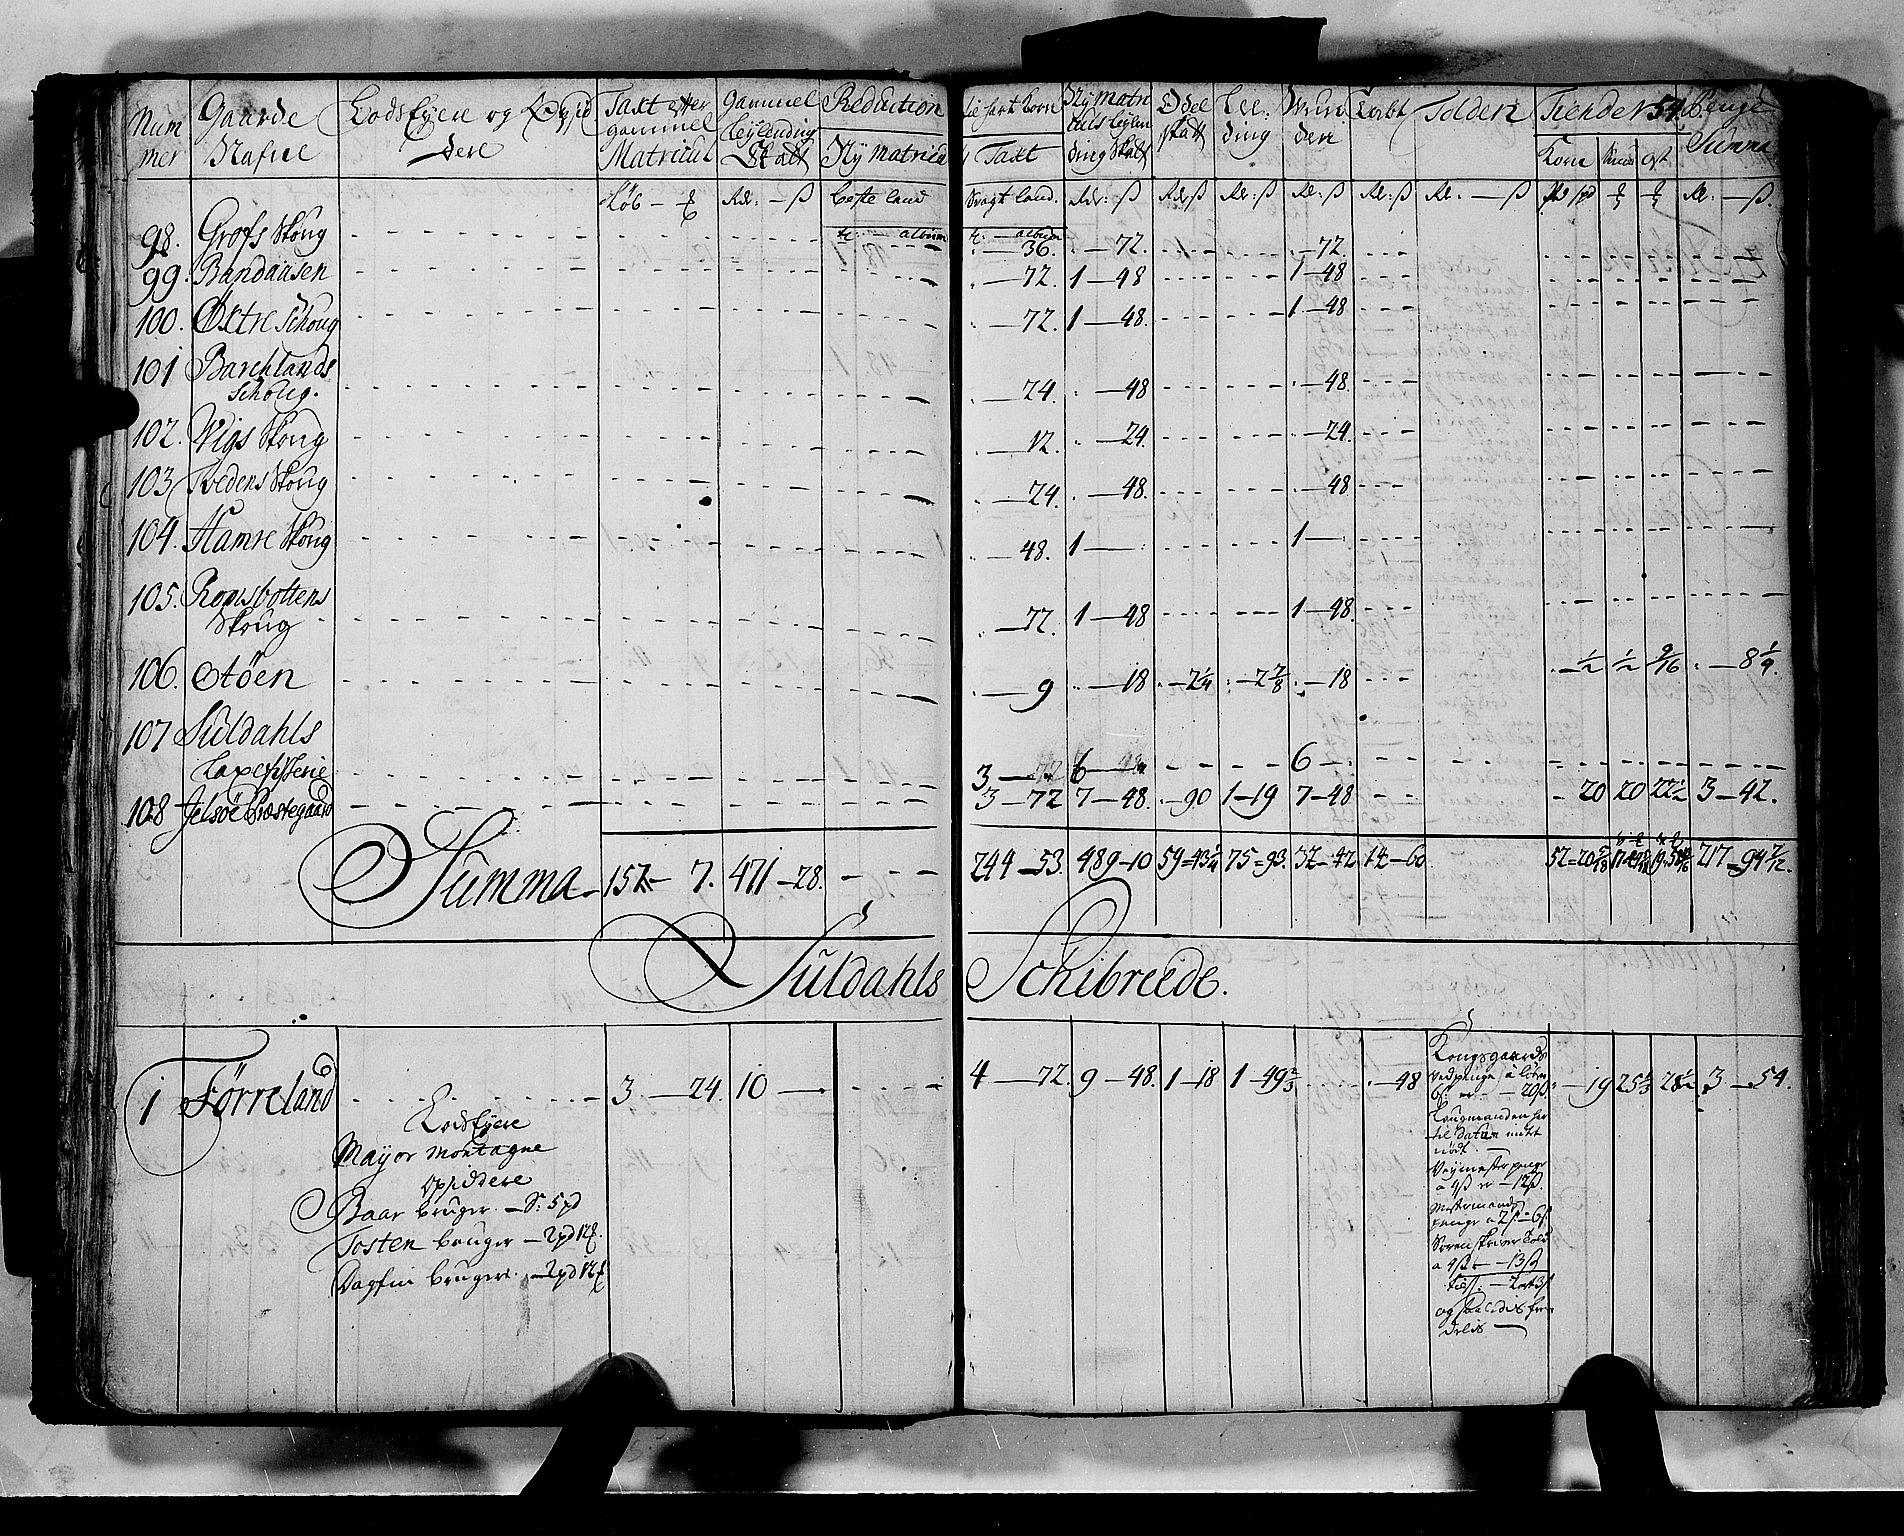 RA, Rentekammeret inntil 1814, Realistisk ordnet avdeling, N/Nb/Nbf/L0133b: Ryfylke matrikkelprotokoll, 1723, s. 53b-54a